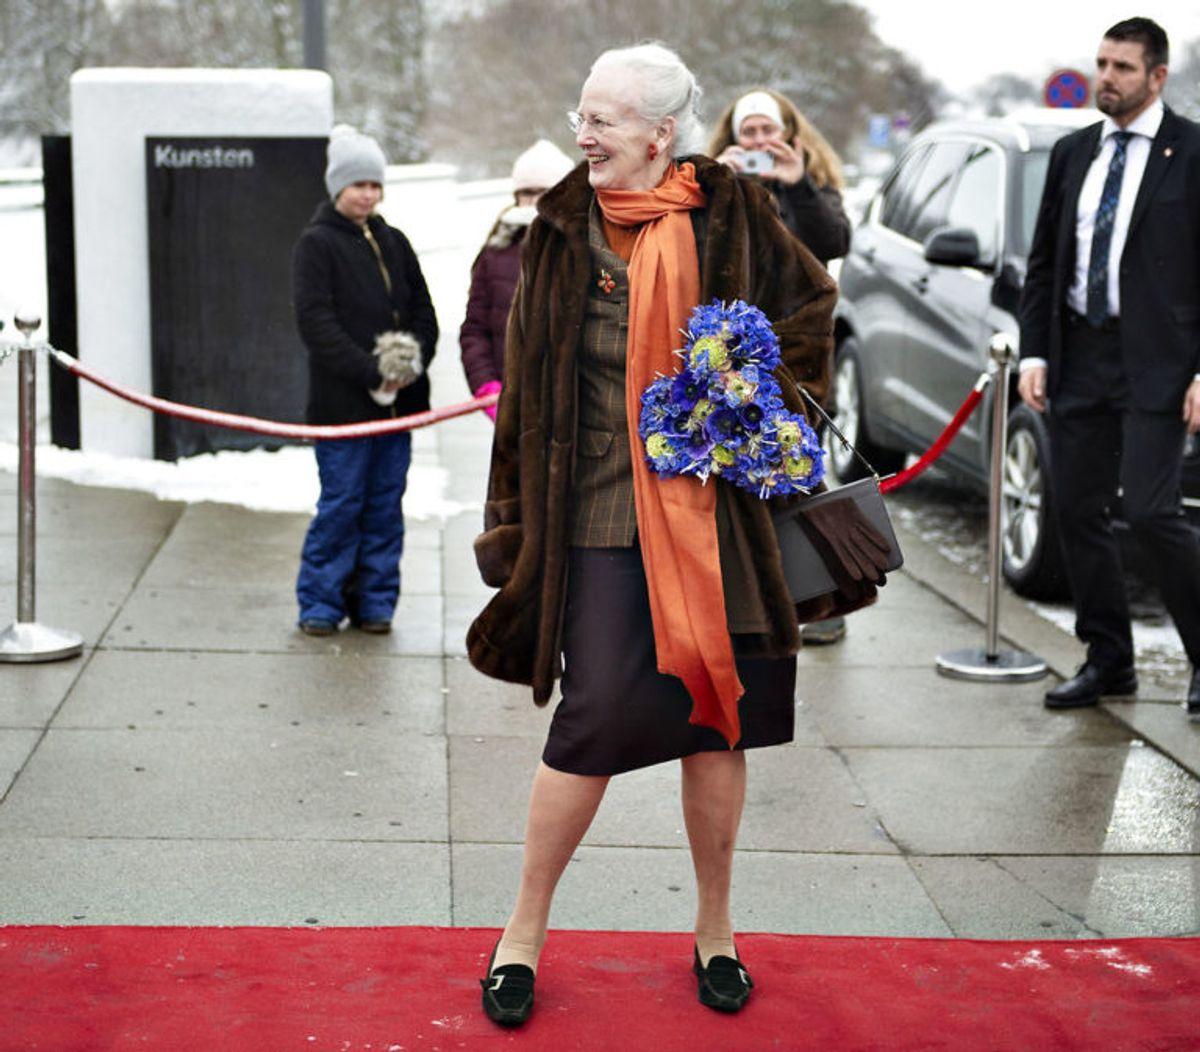 Dronning Margrethe er 182 centimeter høj – og dermed en af de højeste kvinder. Foto: Scanpix